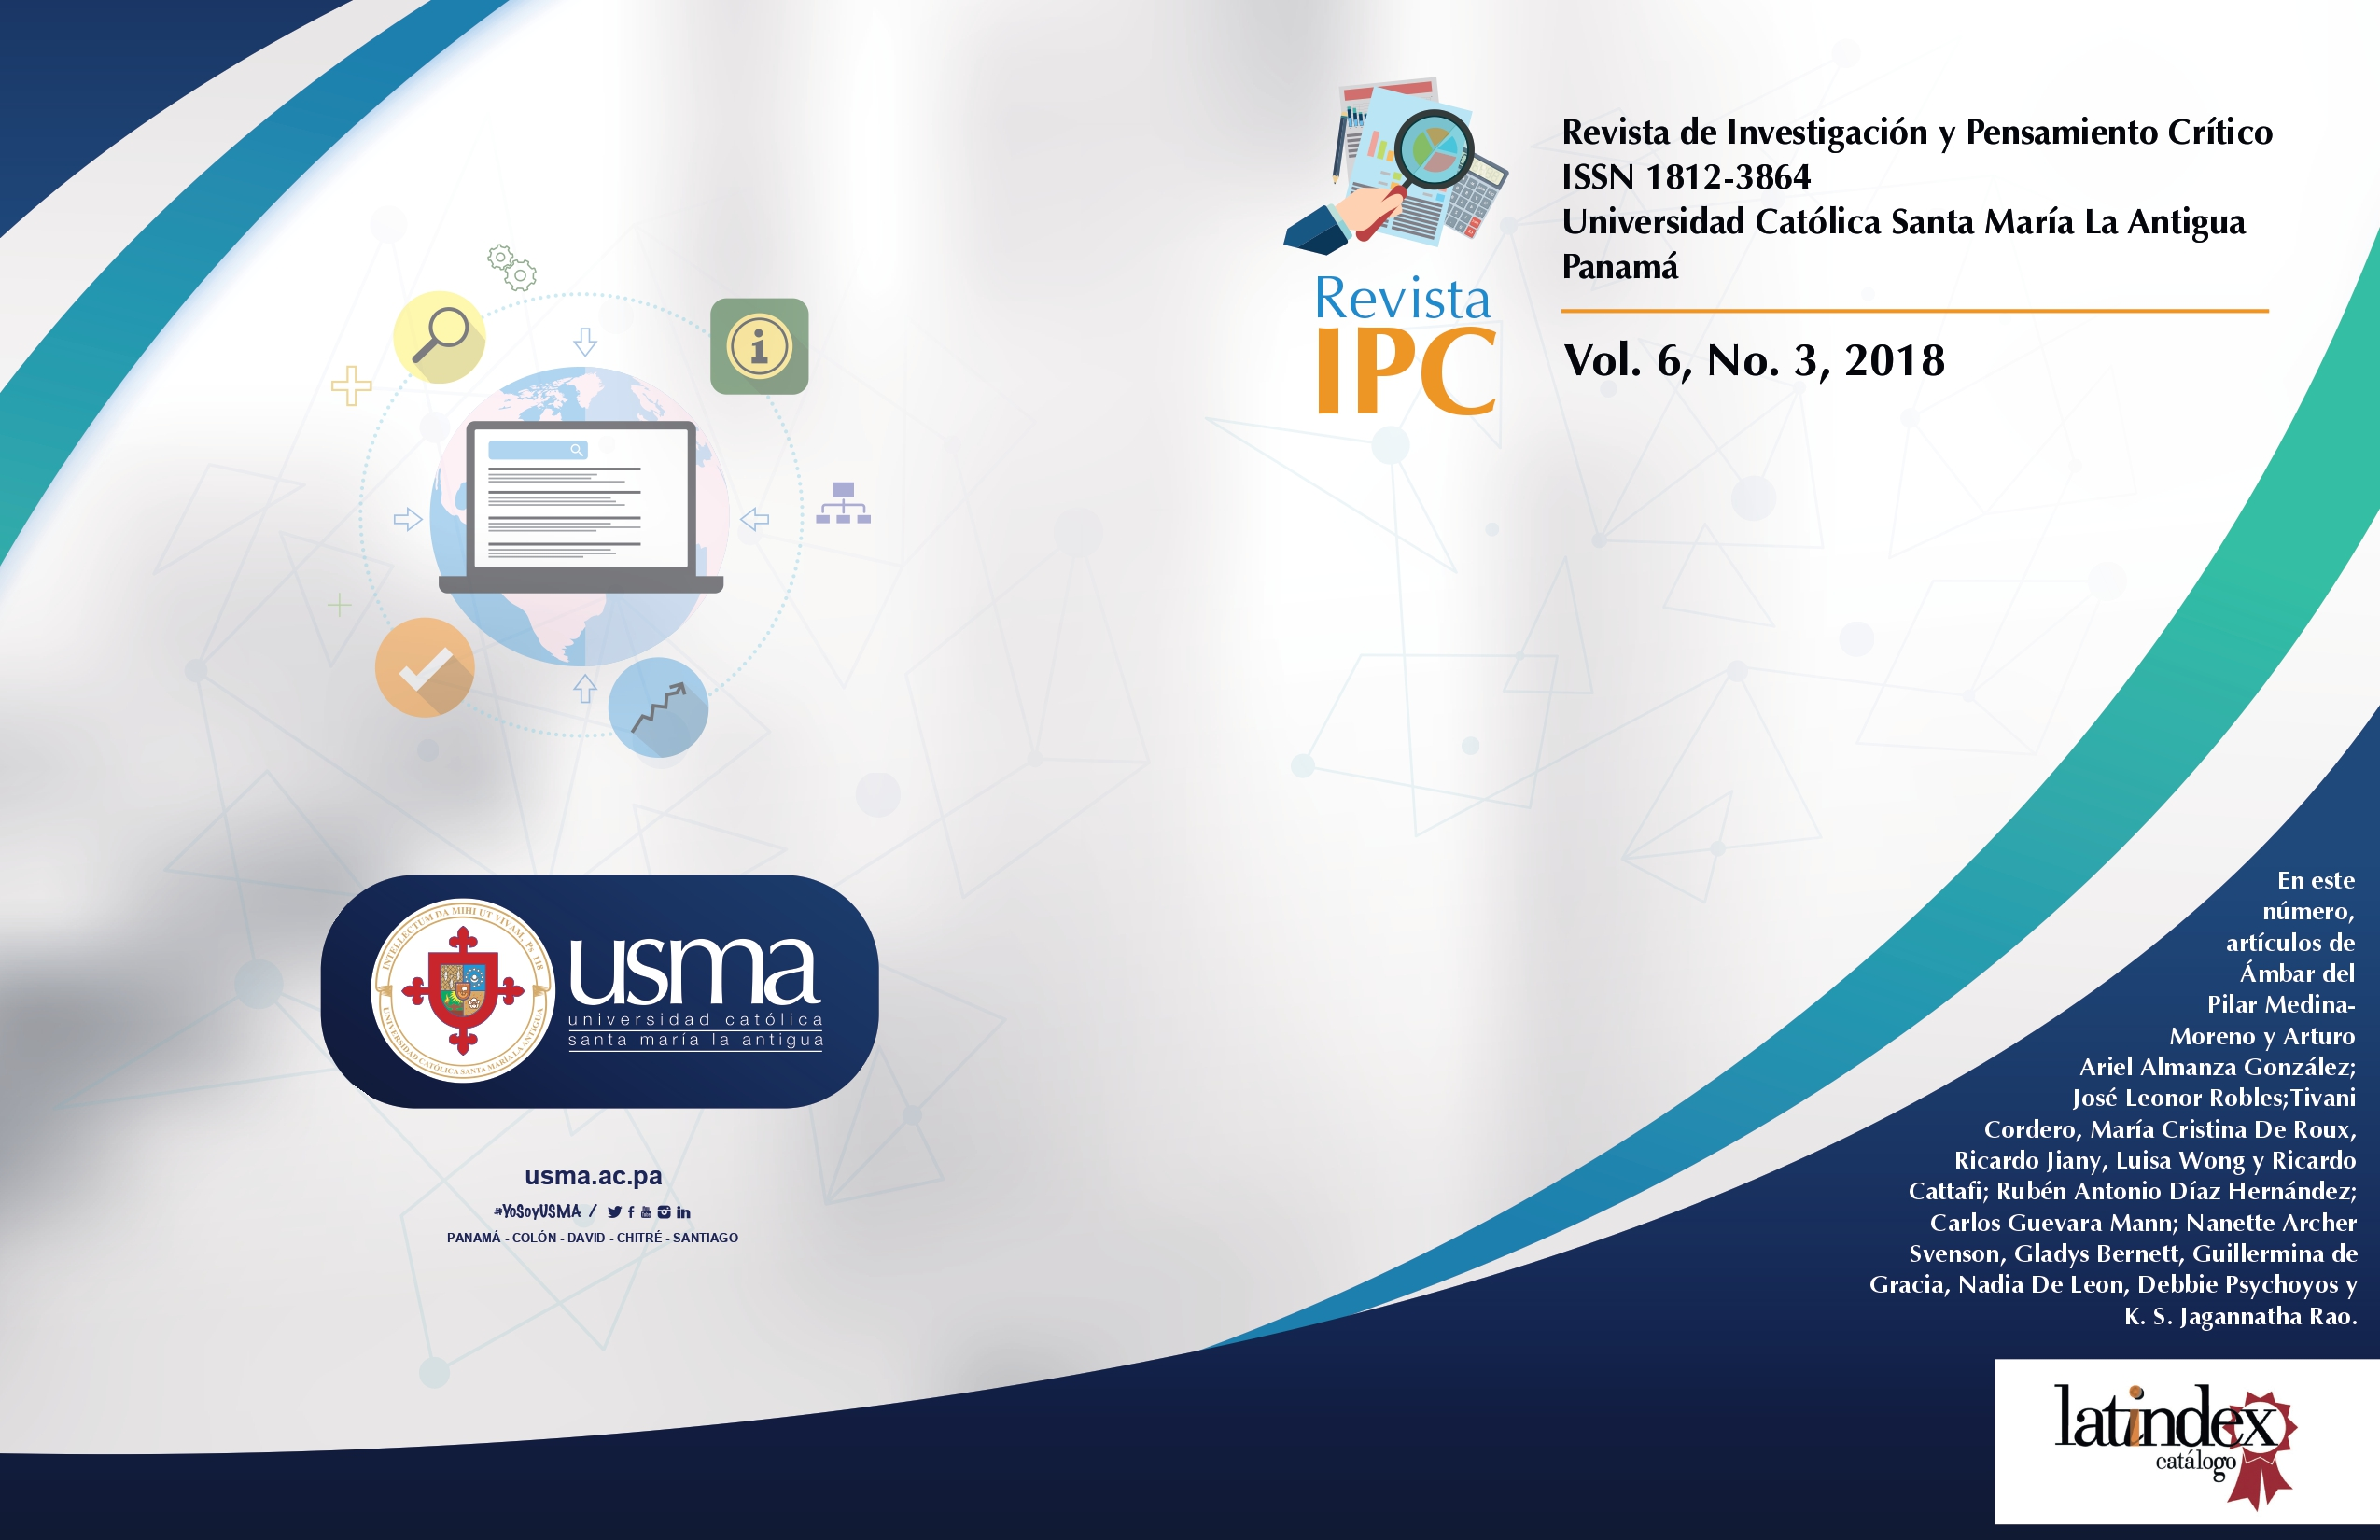 Imagen revista IPC, volumen 6, número 3, año 2018